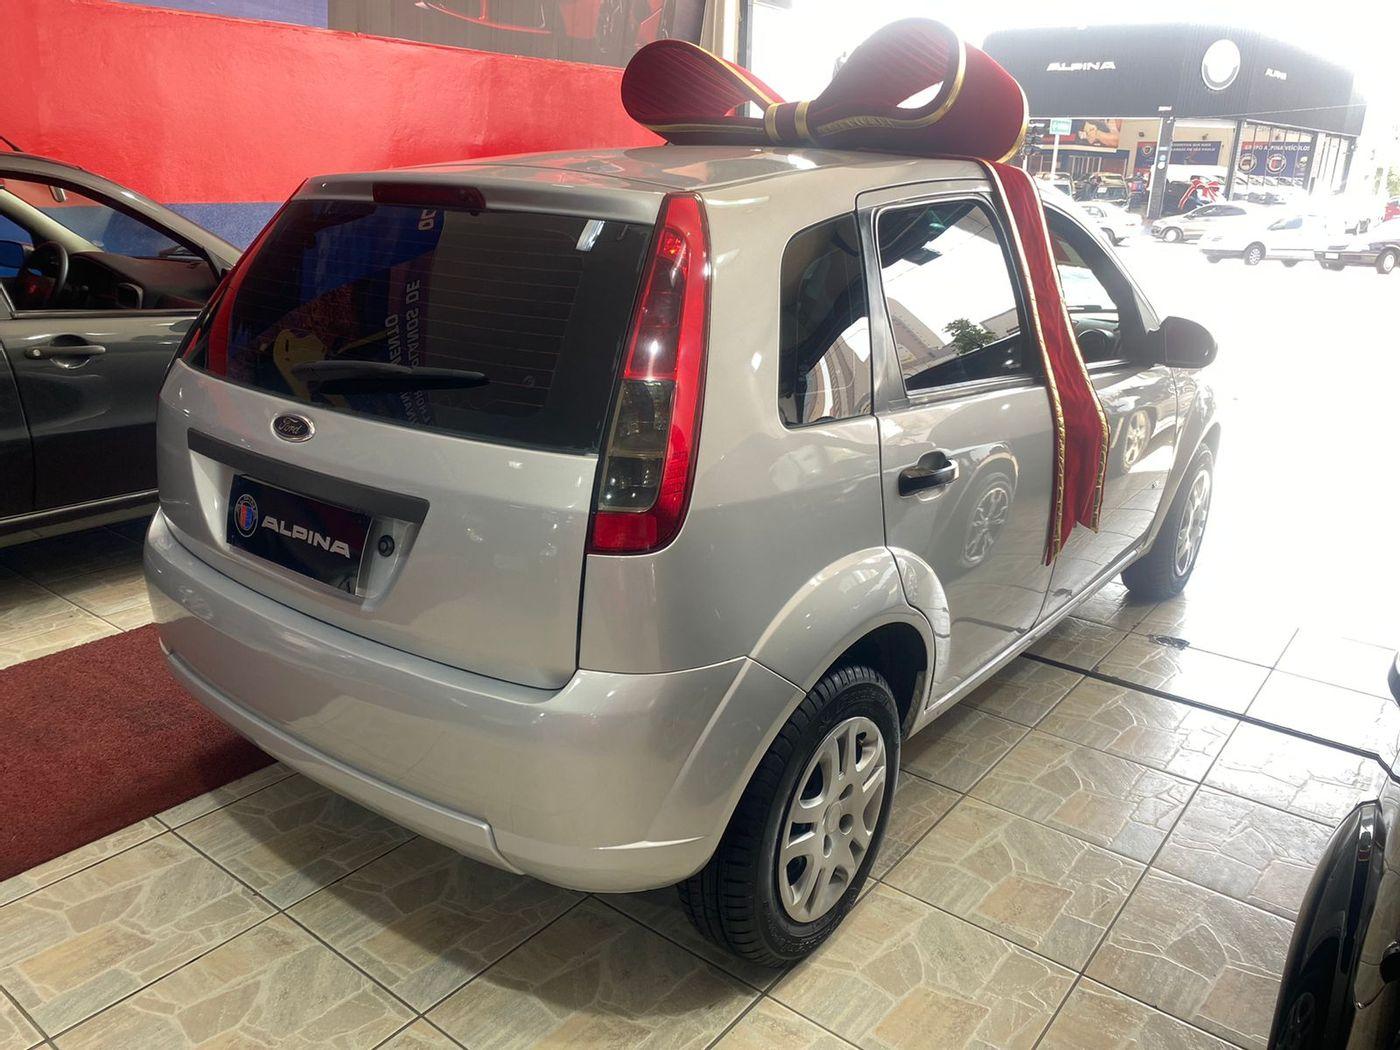 Ford Fiesta S 1.0 8V Flex 5p